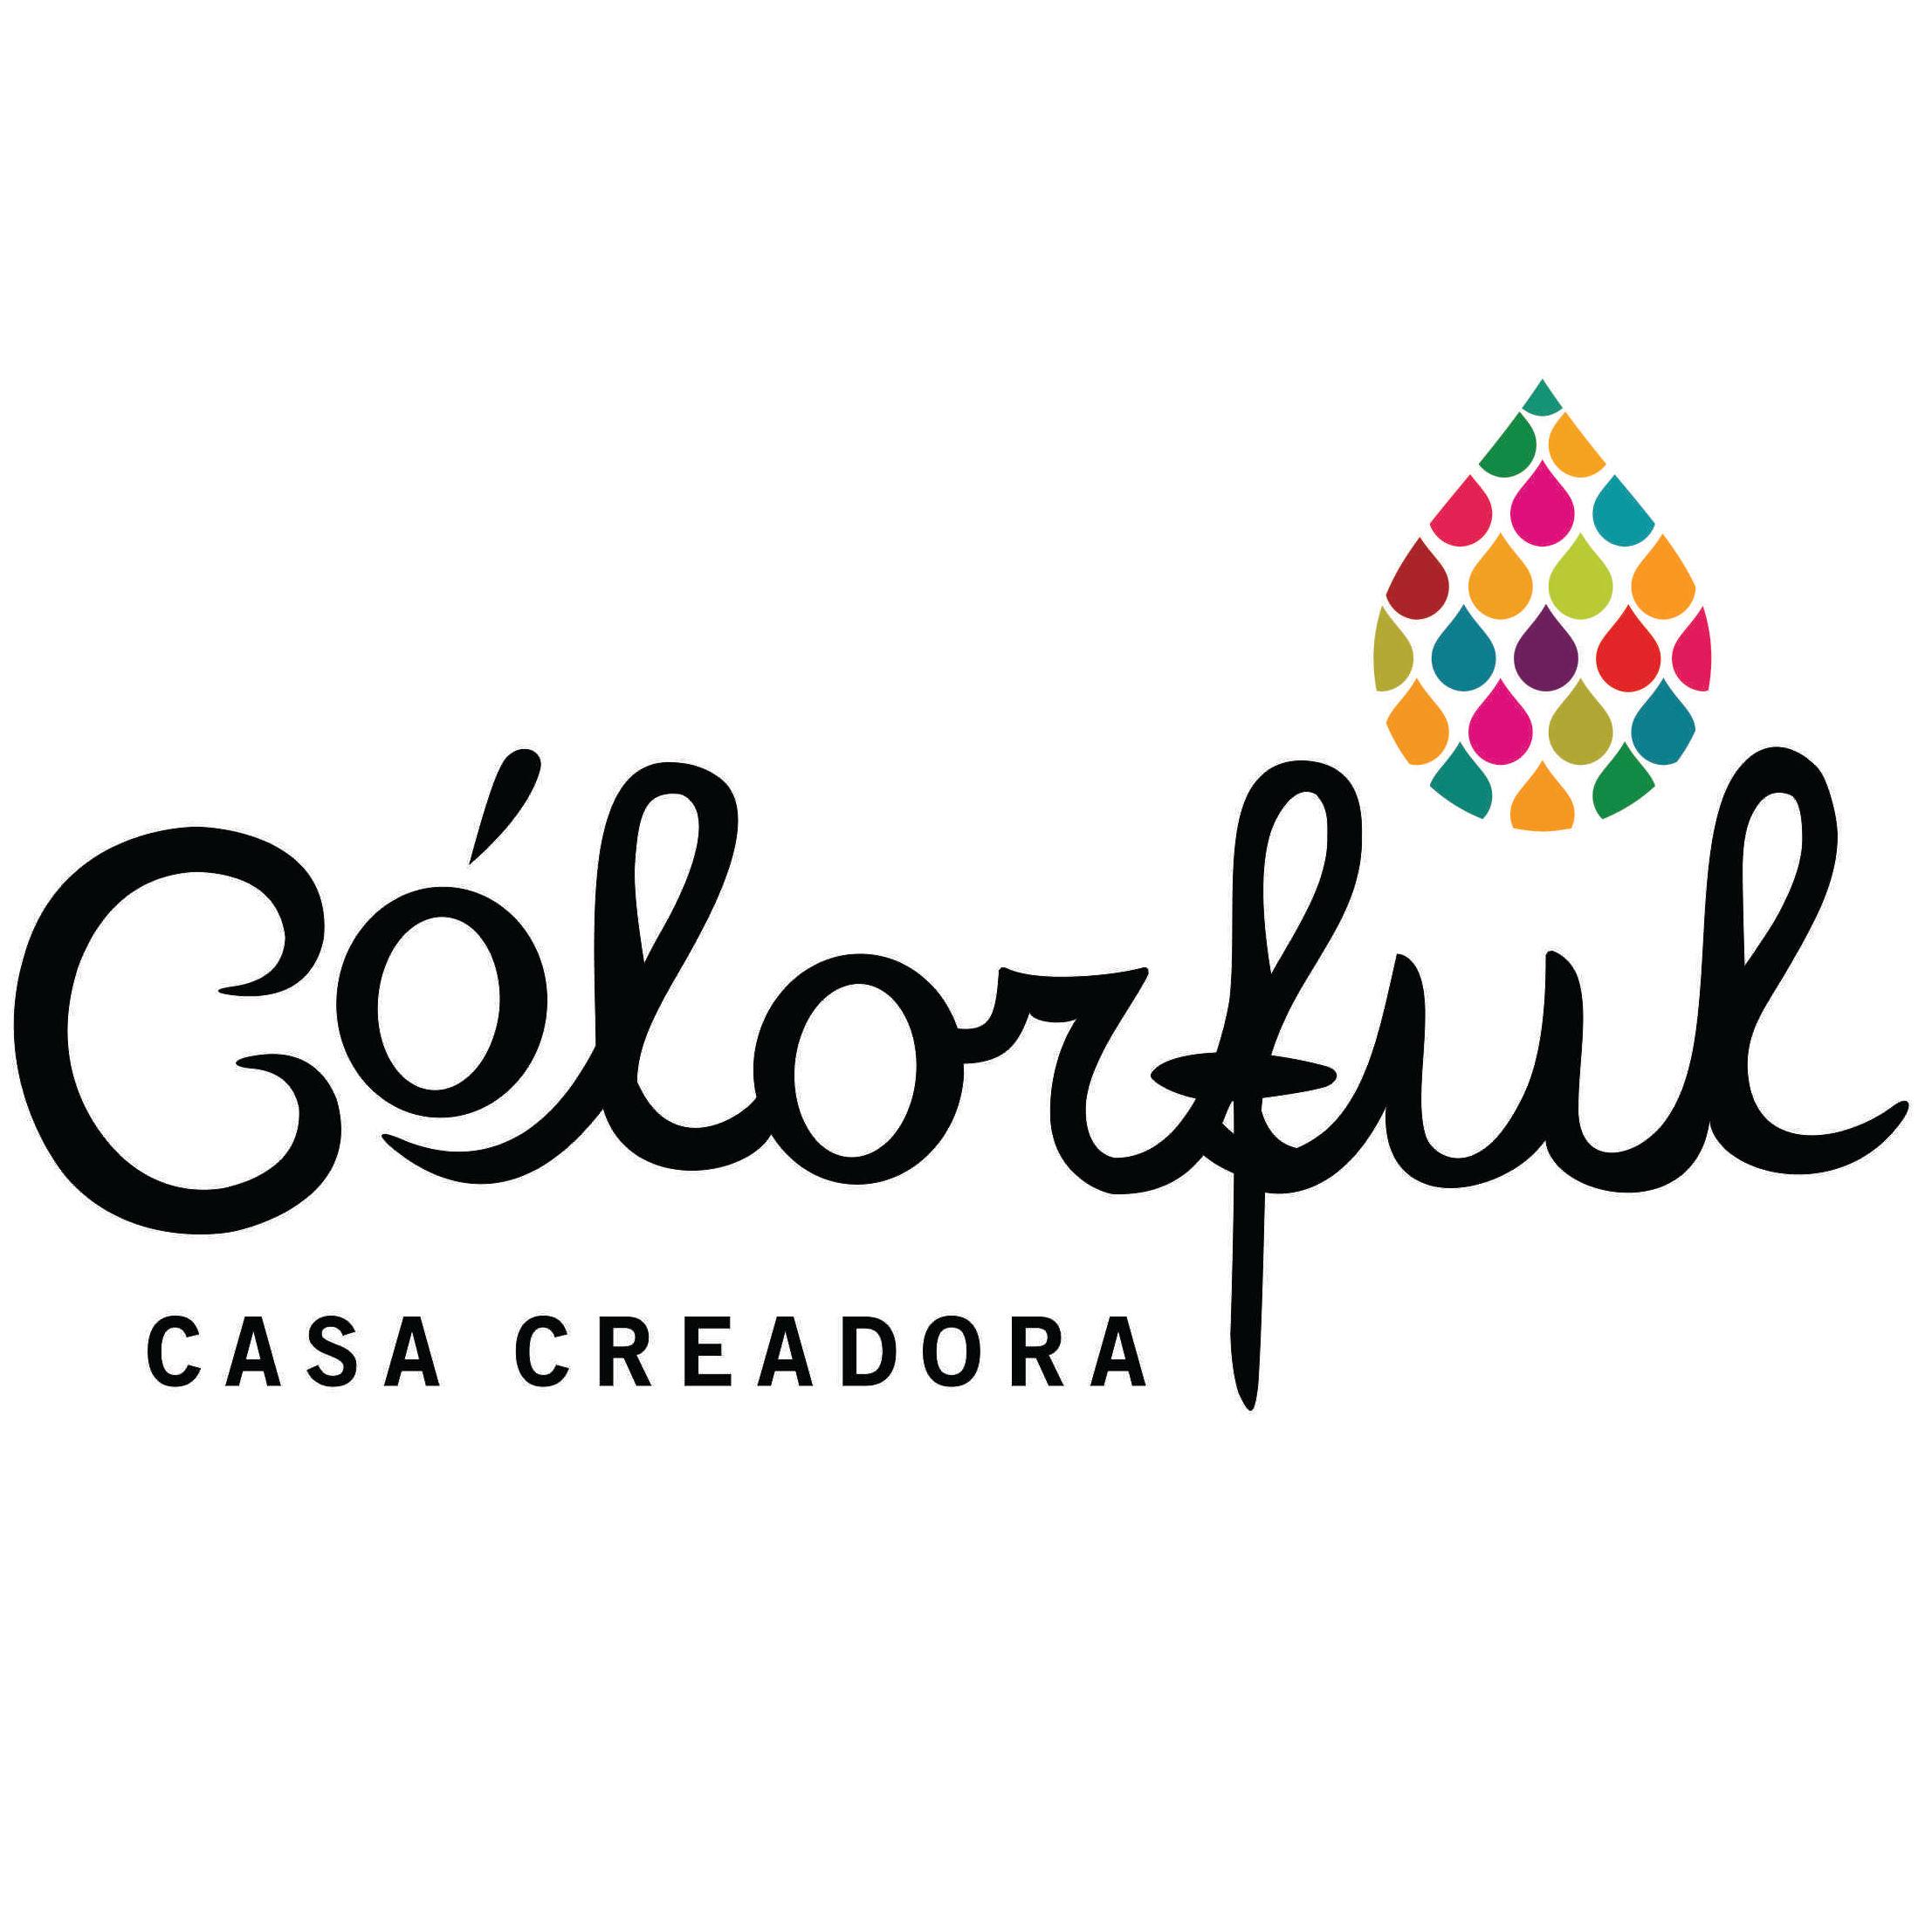 Cólorful Casa Creadora